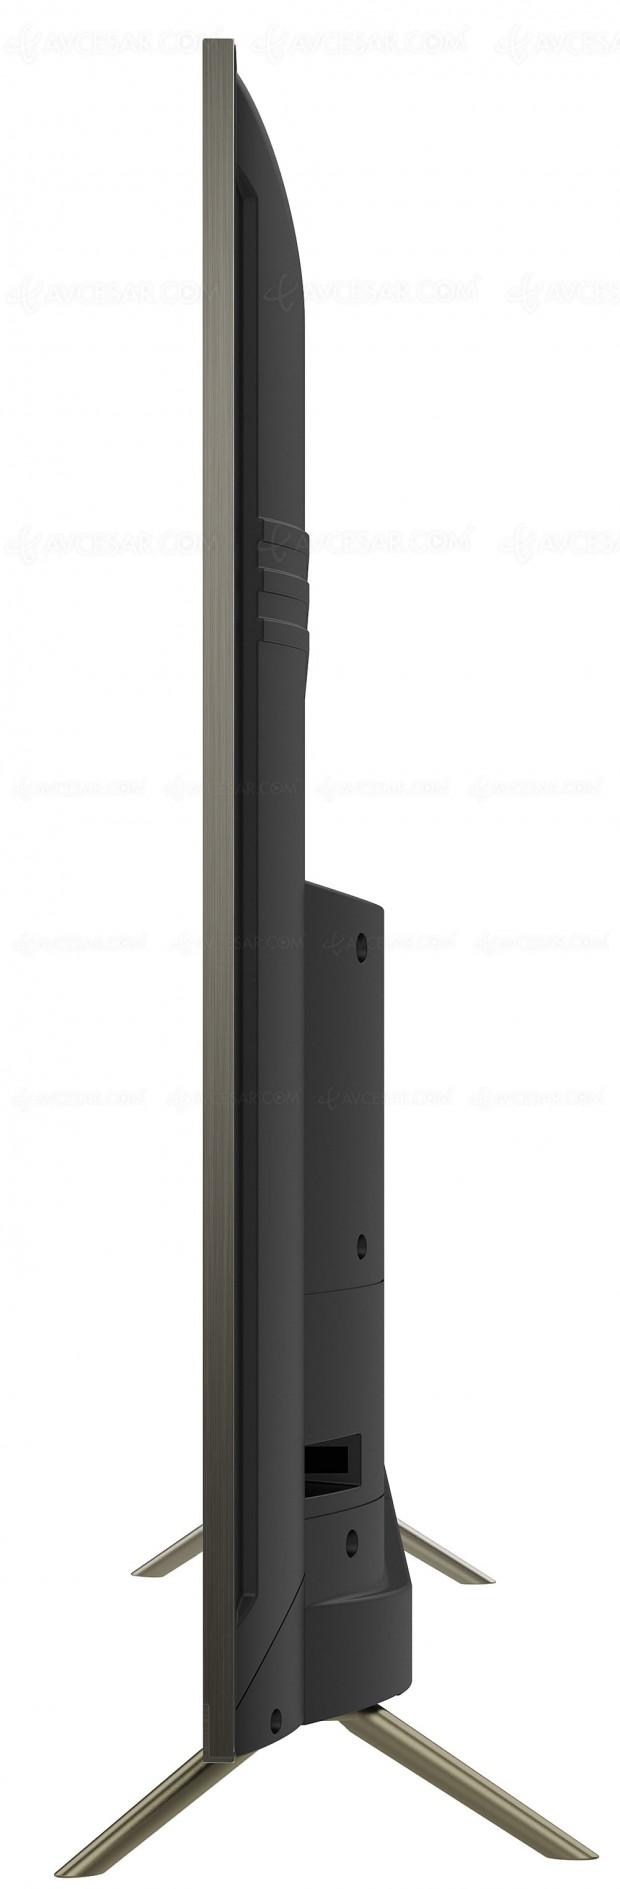 TV LED Ultra HD TCL P60, quatre modèles HDR annoncés